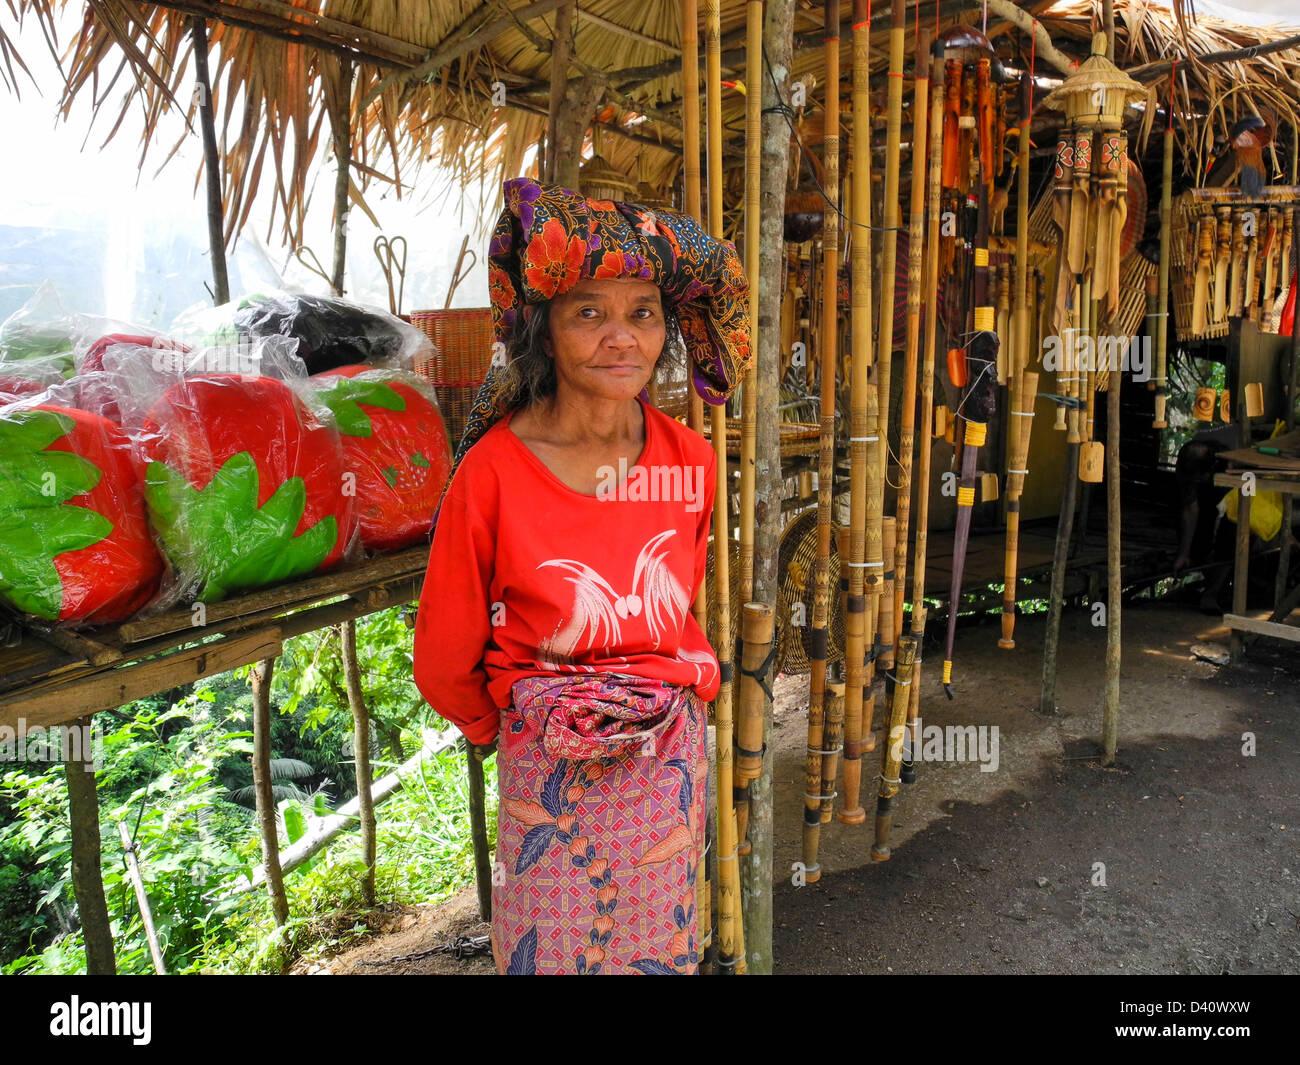 Asia Malaysia Cameron Highlands Orang Asli tribeswoman - Stock Image